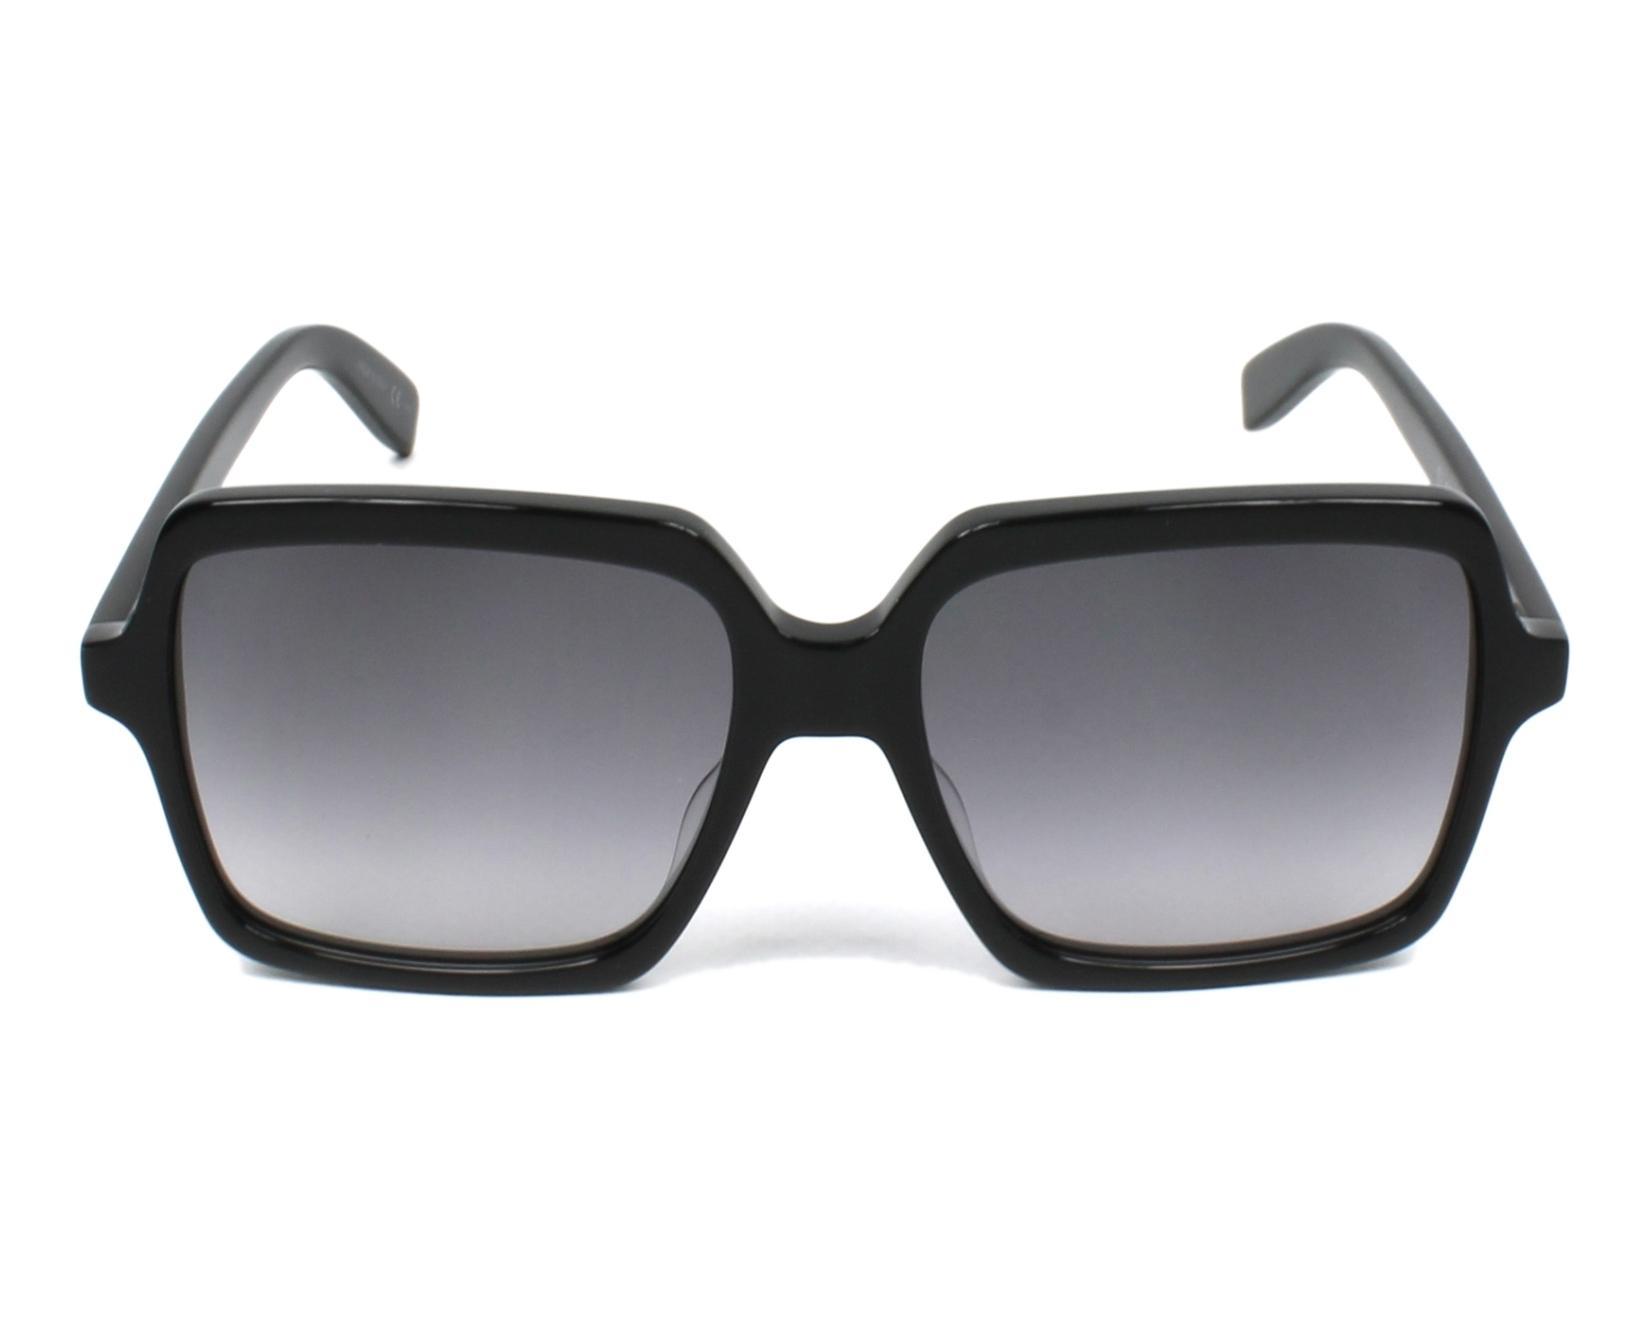 a938b922620 Sunglasses Yves Saint Laurent SL-174 001 56-17 Black front view